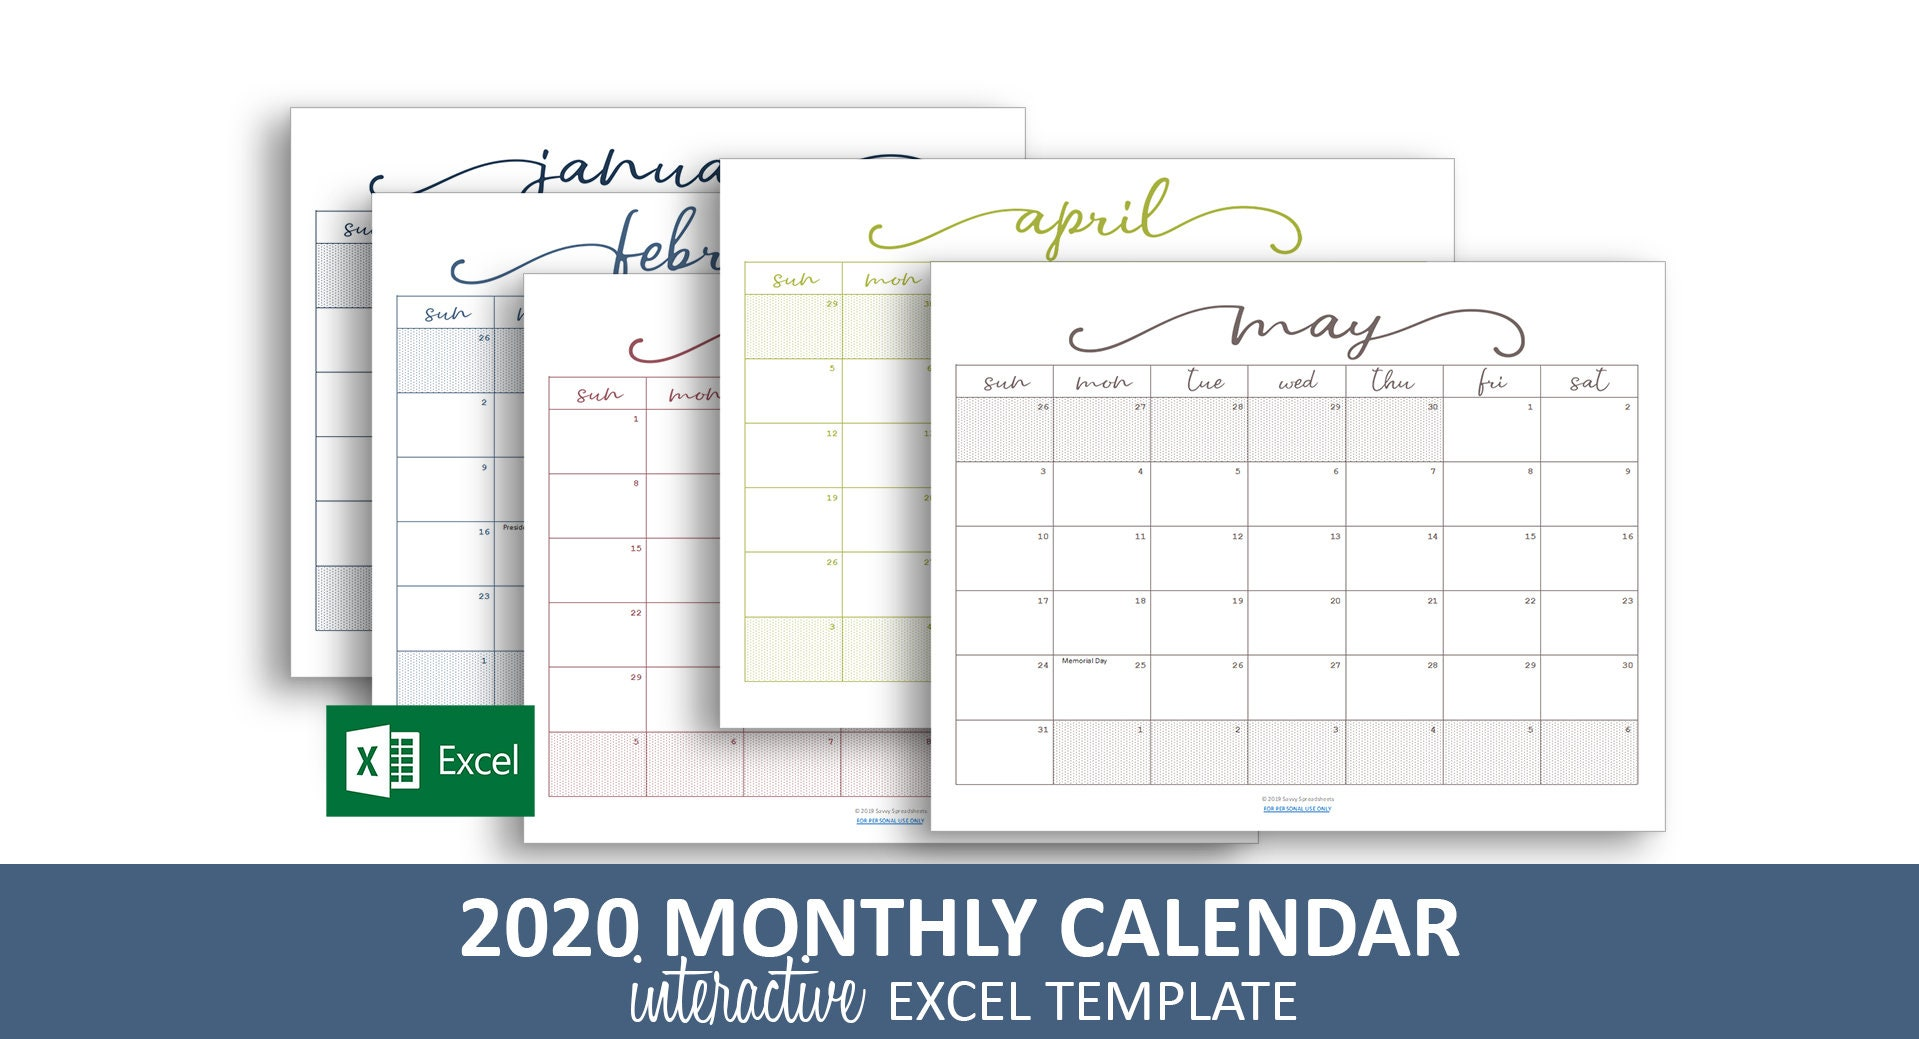 Controllo Calendario Excel 2020.Elegante Mensile Calendario 2020 Modello Di Excel Stampabile Calendario Mensile Colore Codificato Eventi Instant Download Digitale